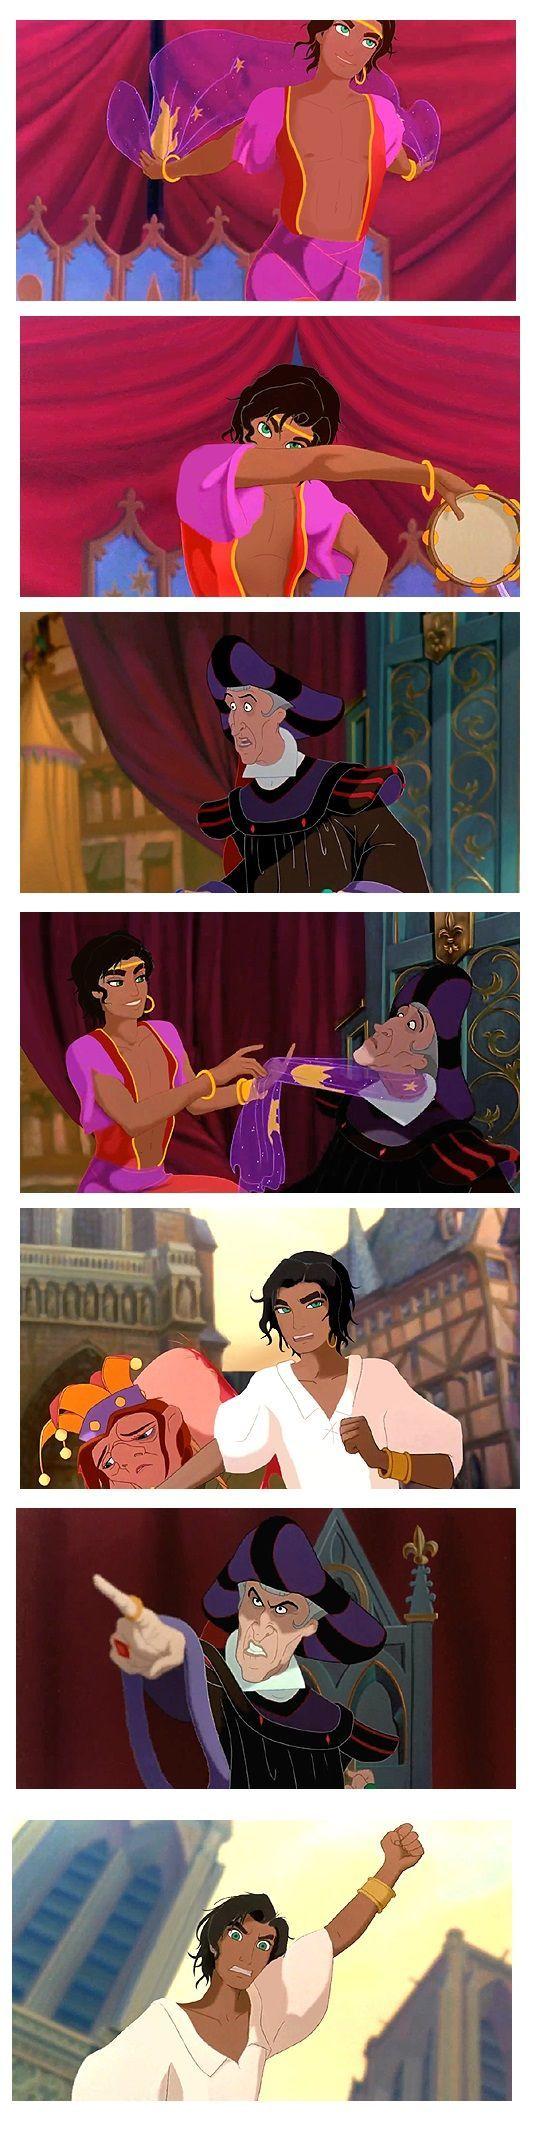 disney esmeralda genderbend   Festival of Fools genderbend Esmeralda and Frollo interactions by ...